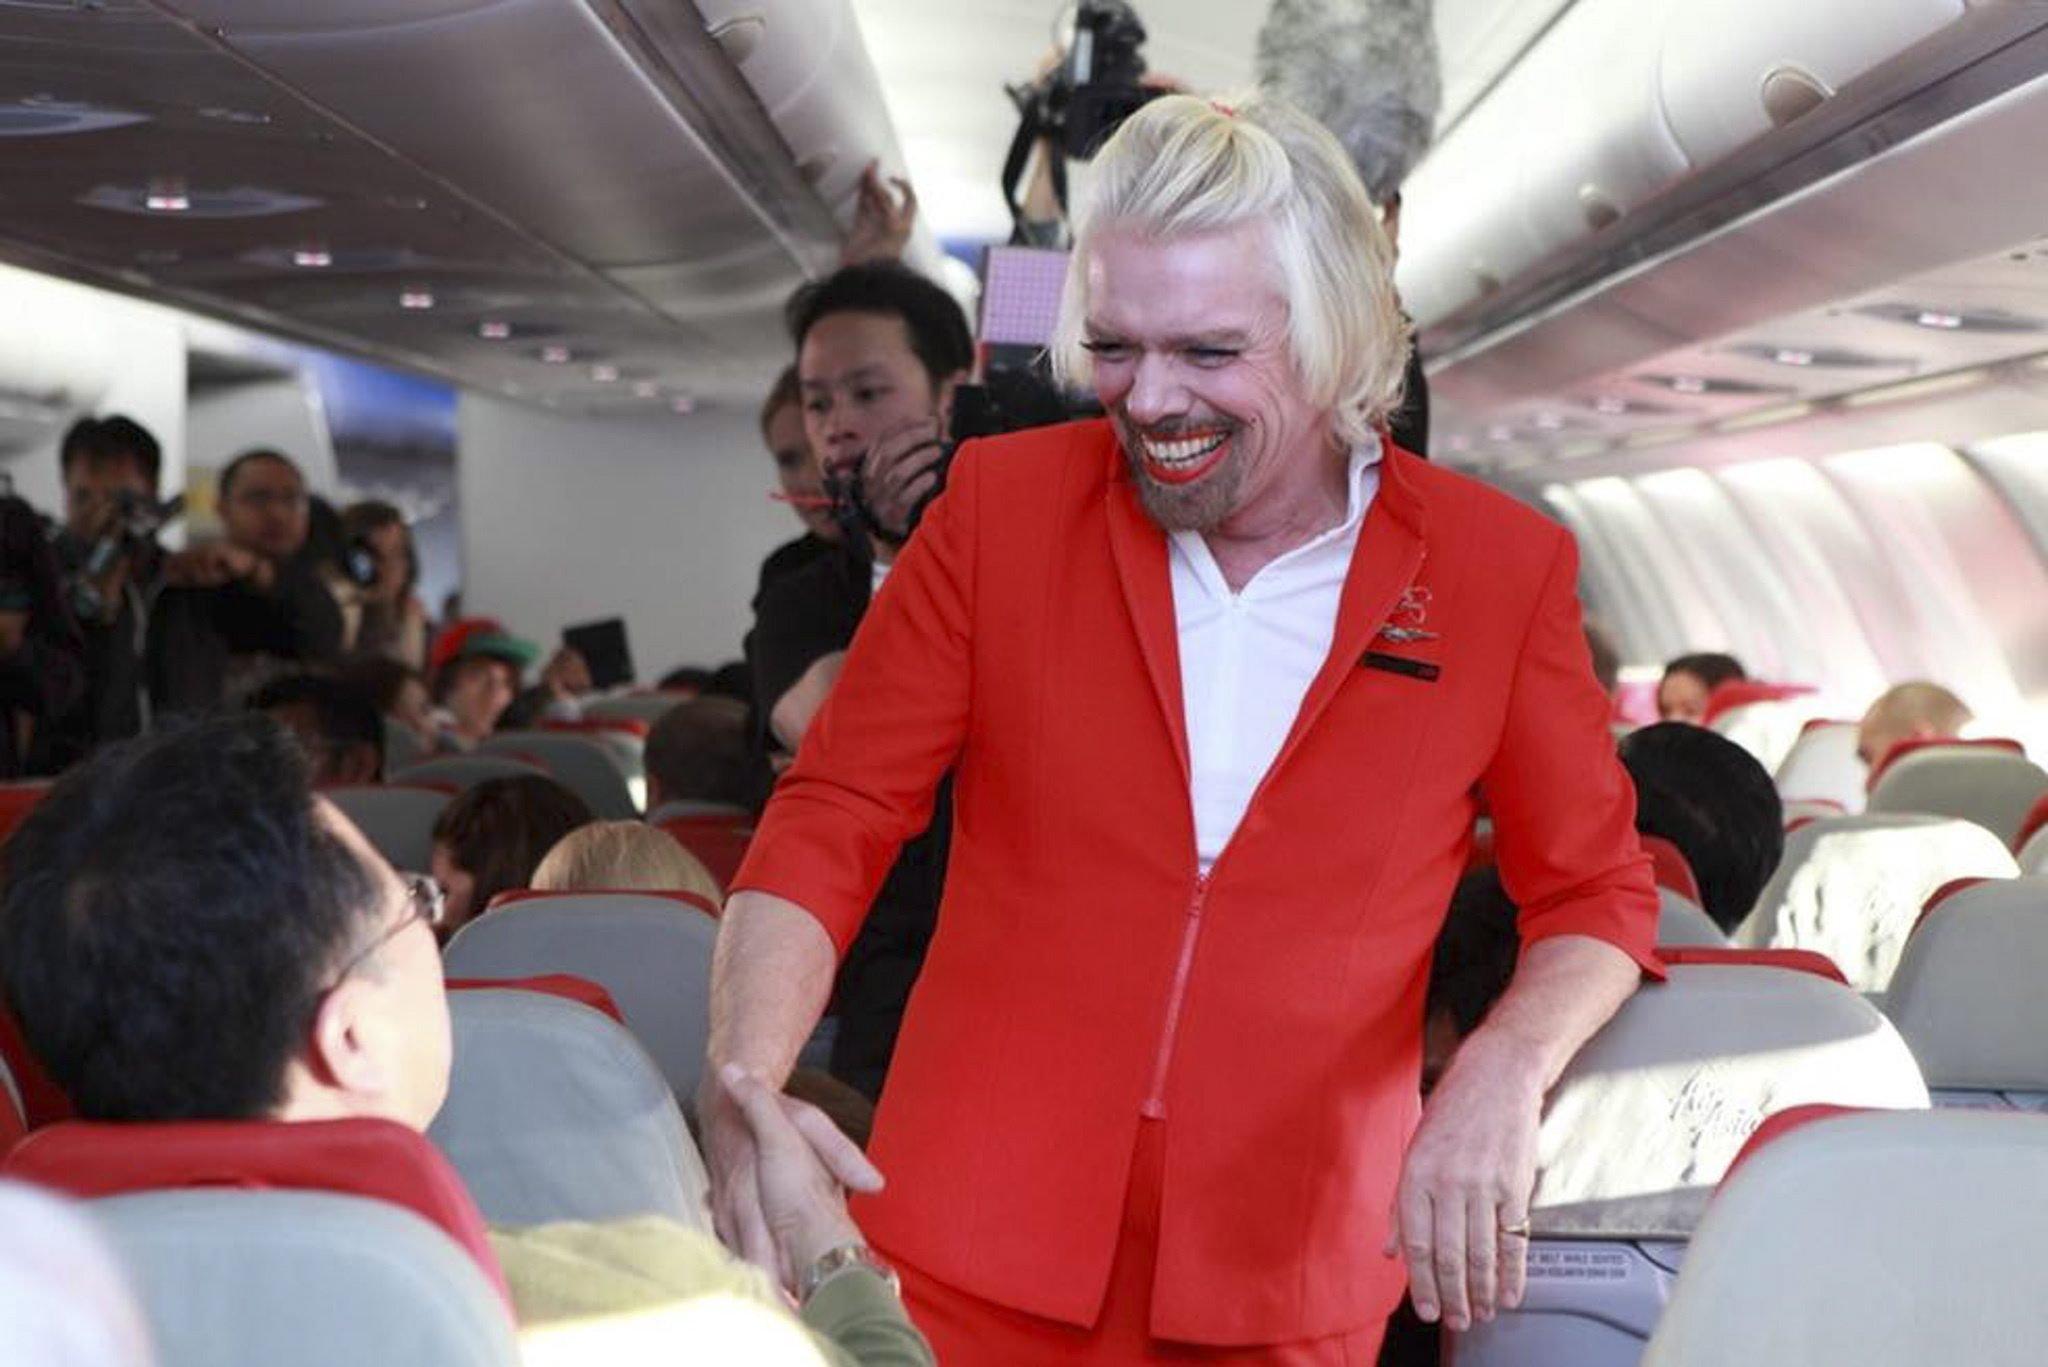 Branson, hier verkleidert als Sterwardess, weiß die Aufmerksamkeit der Medien auf sich zu ziehen. Kritiker befürchten, dass sein Urlaubsmodell Angestellte auch überfordern könnte.